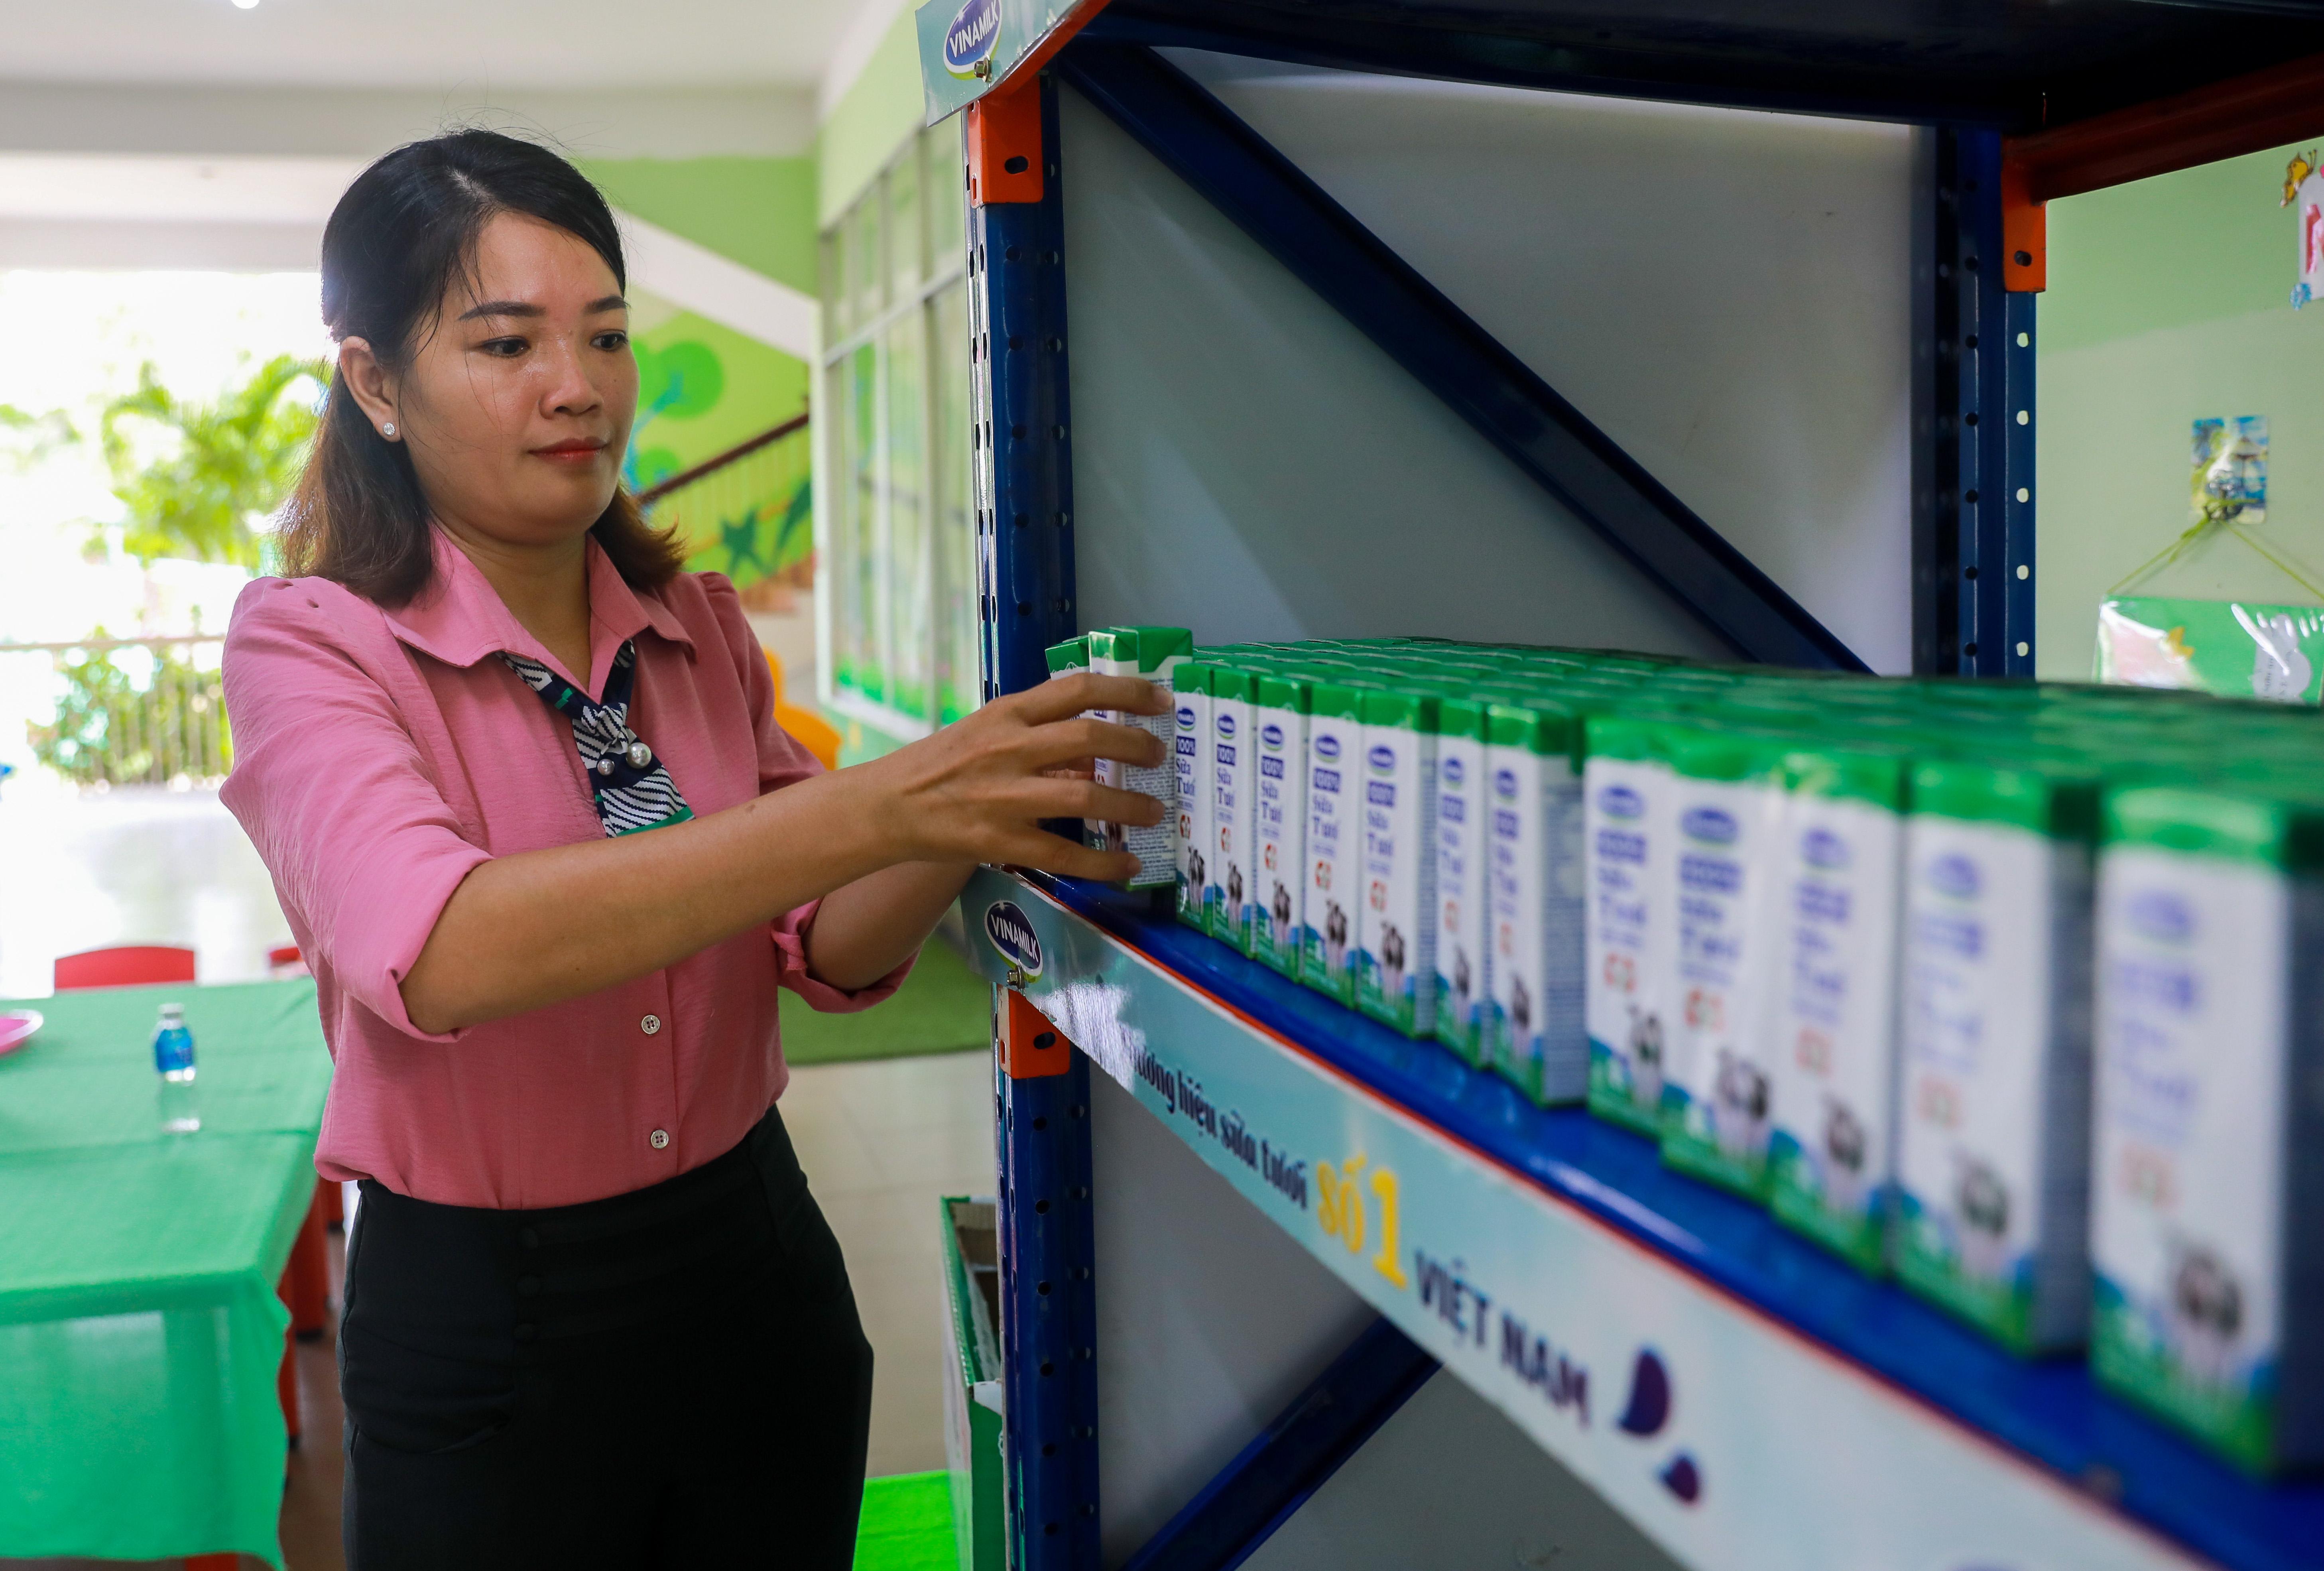 Sản phẩm SHĐ ở giai đoạn học kì 2, công ty Vinamilk tuân thủ một cách nghiêm ngặt theo các tiêu chuẩn quy định tại Thông tư 31 do Bộ Y tế ban hành.